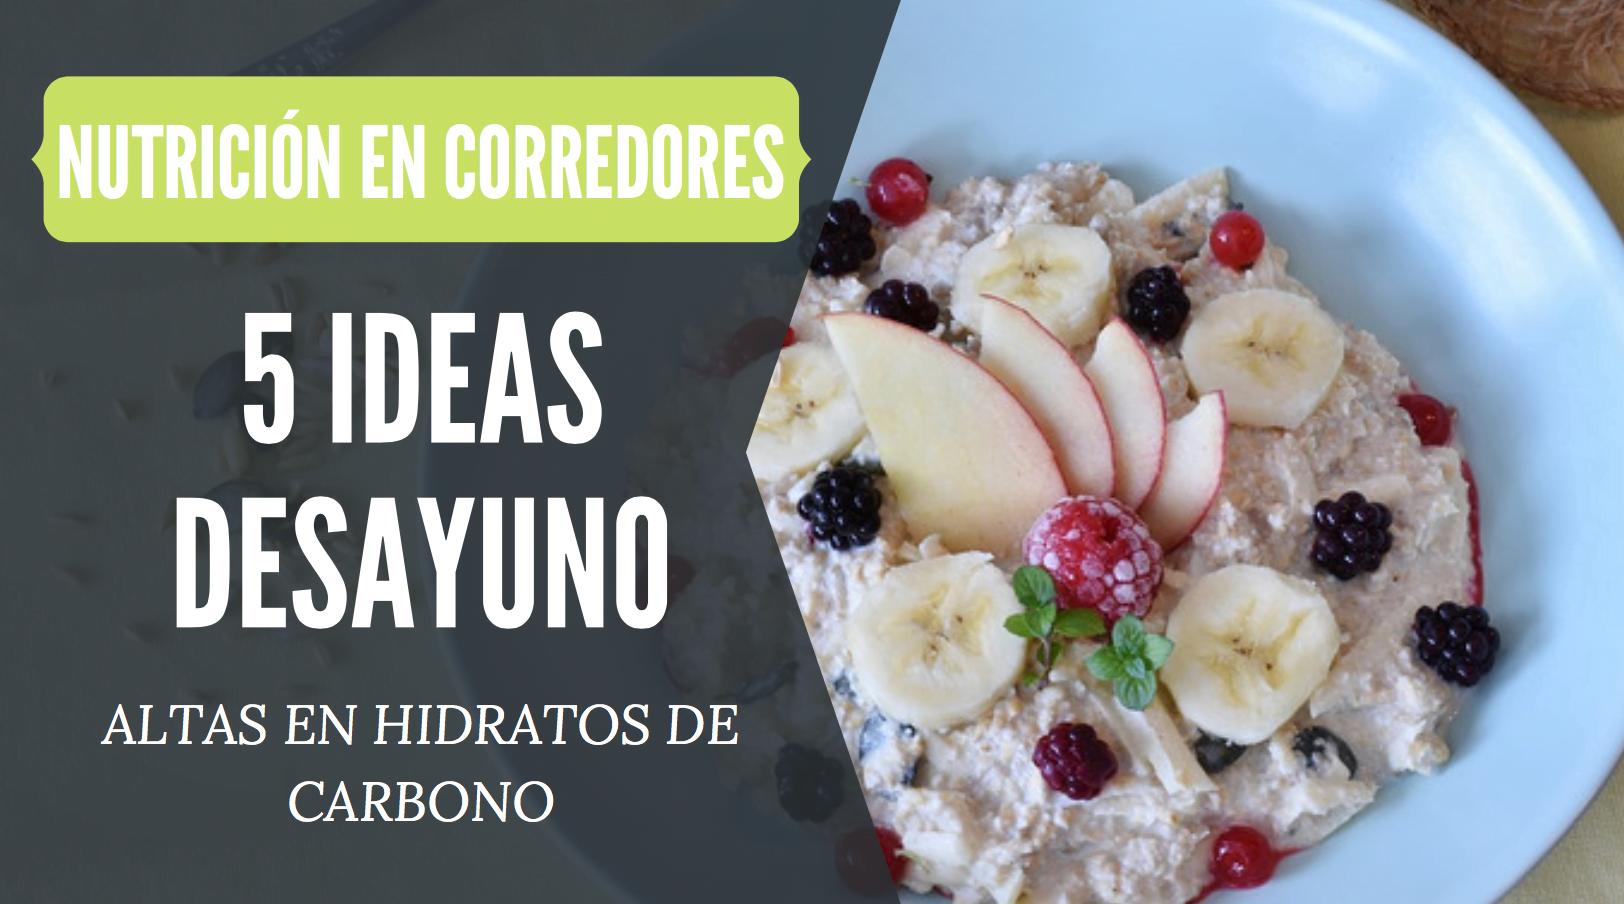 ideas desayuno altas en hidratos de carbono